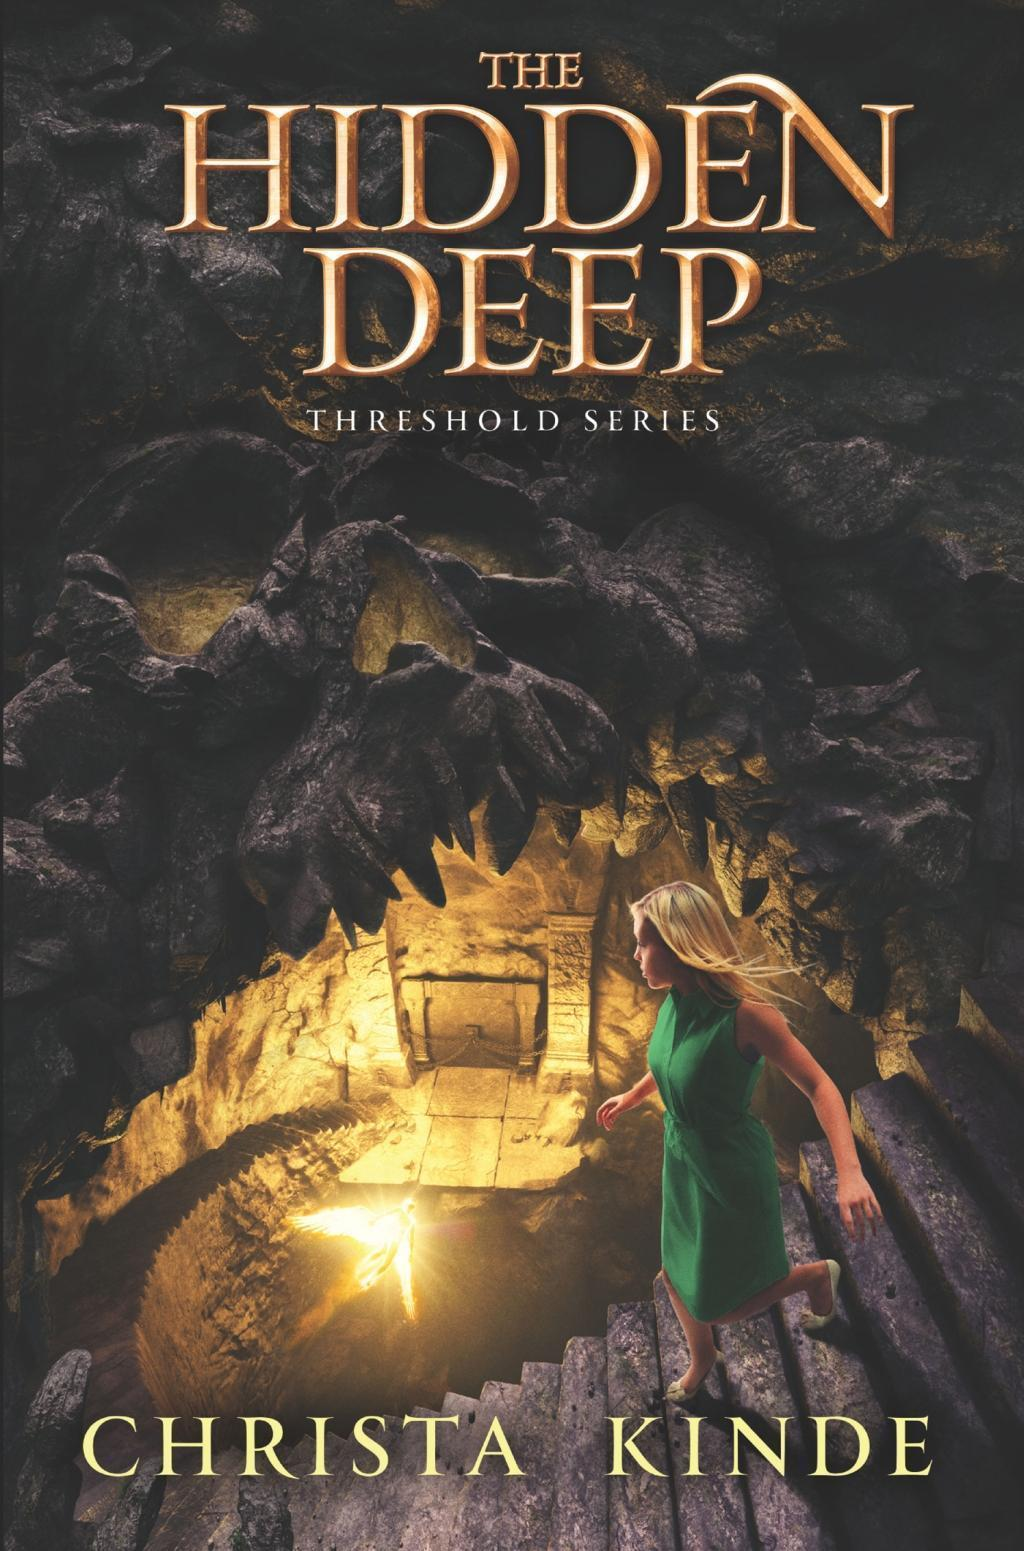 The Hidden Deep